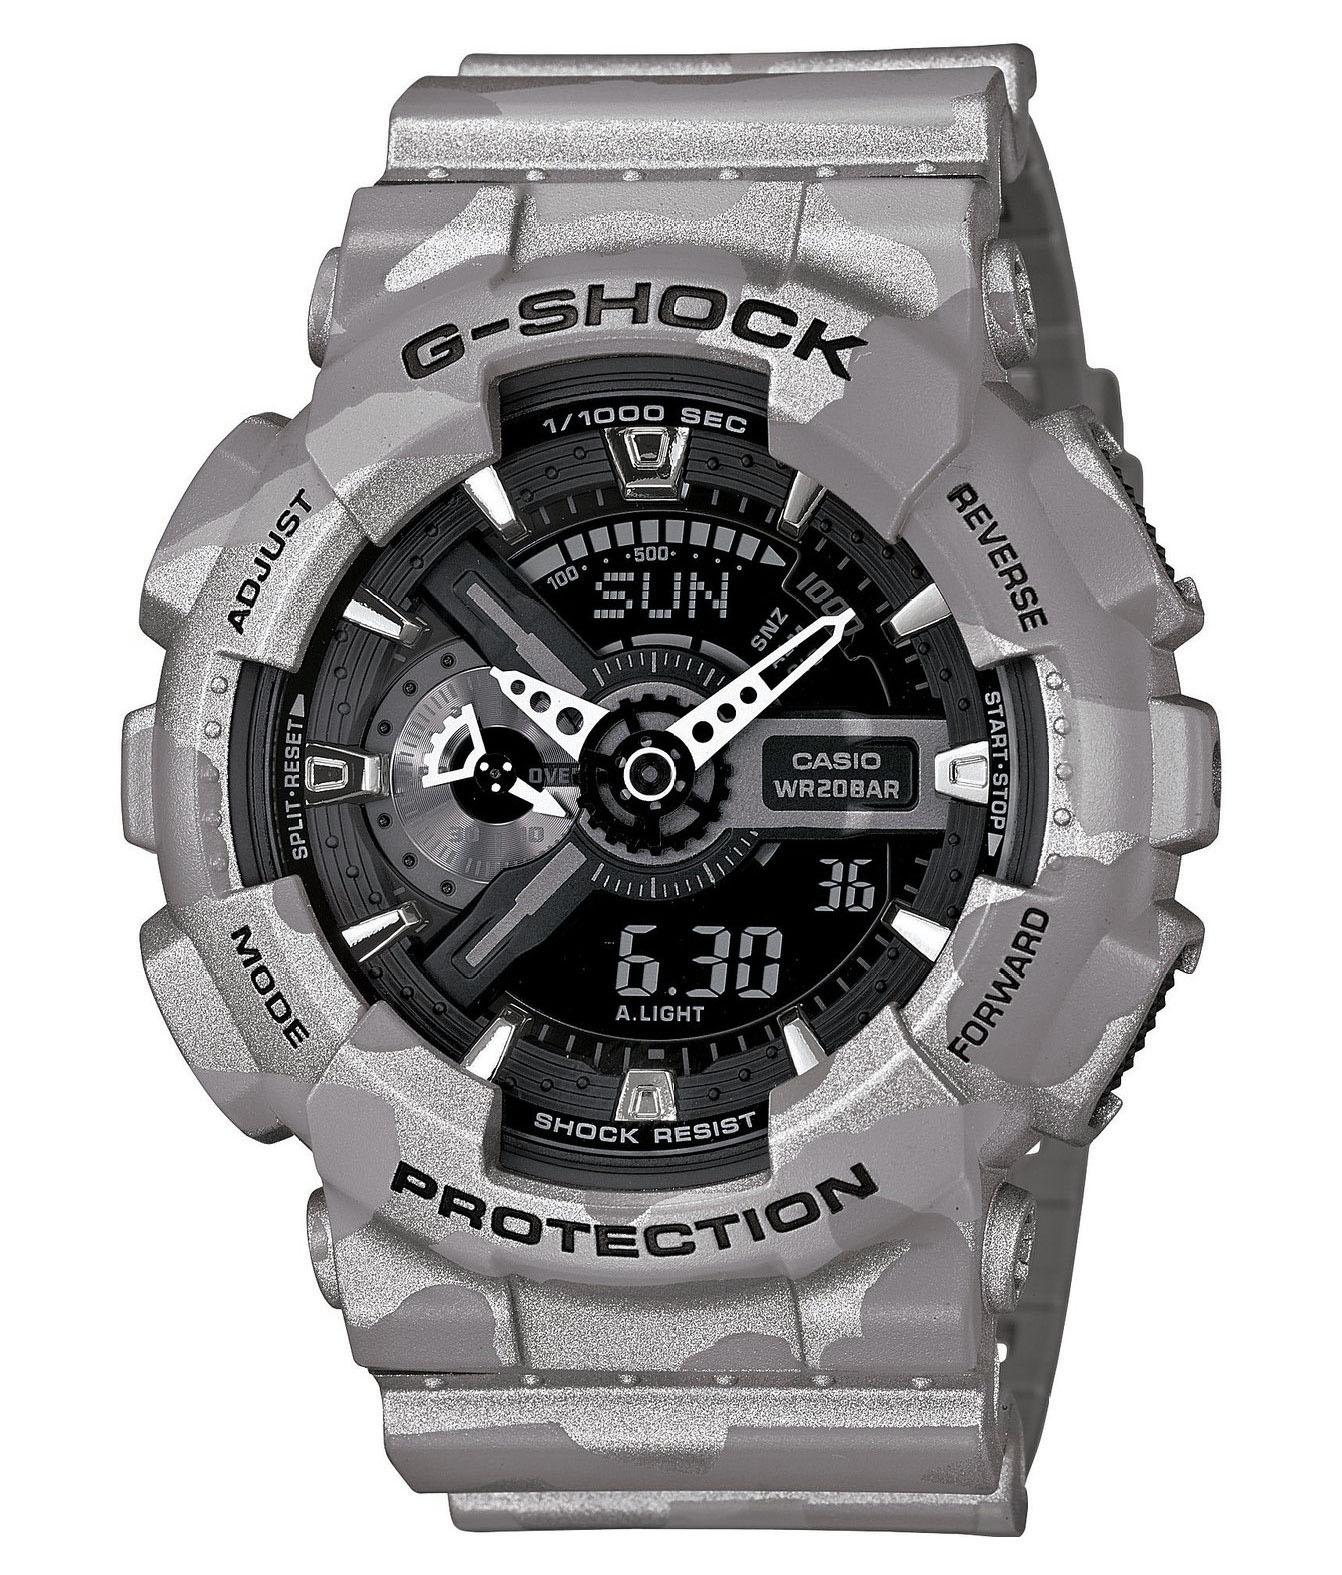 Часы мужские наручные Casio G-SHOCK, цвет: серый, камуфляж. GA-110CM-8AGA-110CM-8AСтильные мужские часы Casio G-SHOCK выполнены из полимерных материалов и минерального стекла. Изделие дополнено светодиодной подсветкой высокой яркости, корпус часов оформлен символикой бренда и оригинальным принтом. В часах предусмотрен аналоговый и цифровой отсчет времени. Часы оснащены функцией мирового времени, которая позволяет мгновенно выяснять текущее время. Часы могут быть настроены на подачу тонального или светового сигнала при наступлении выставленного времени. Функция таймера позволит обеспечить обратный отсчет времени, начиная с выставленного и подачу тонального или светового сигнала, когда отсчет доходит до нуля. Функция секундомера позволит замерять прошедшее время в пределах тысячи часов с точностью 1/100 секунды, предусмотрен будильник. Степень влагозащиты 20 atm. Изделие дополнено ремешком из полимерного материала, который обладает антибактериальными и запахоустойчивыми свойствами. Ремешок застегивается на пряжку, позволяющую максимально комфортно и быстро...